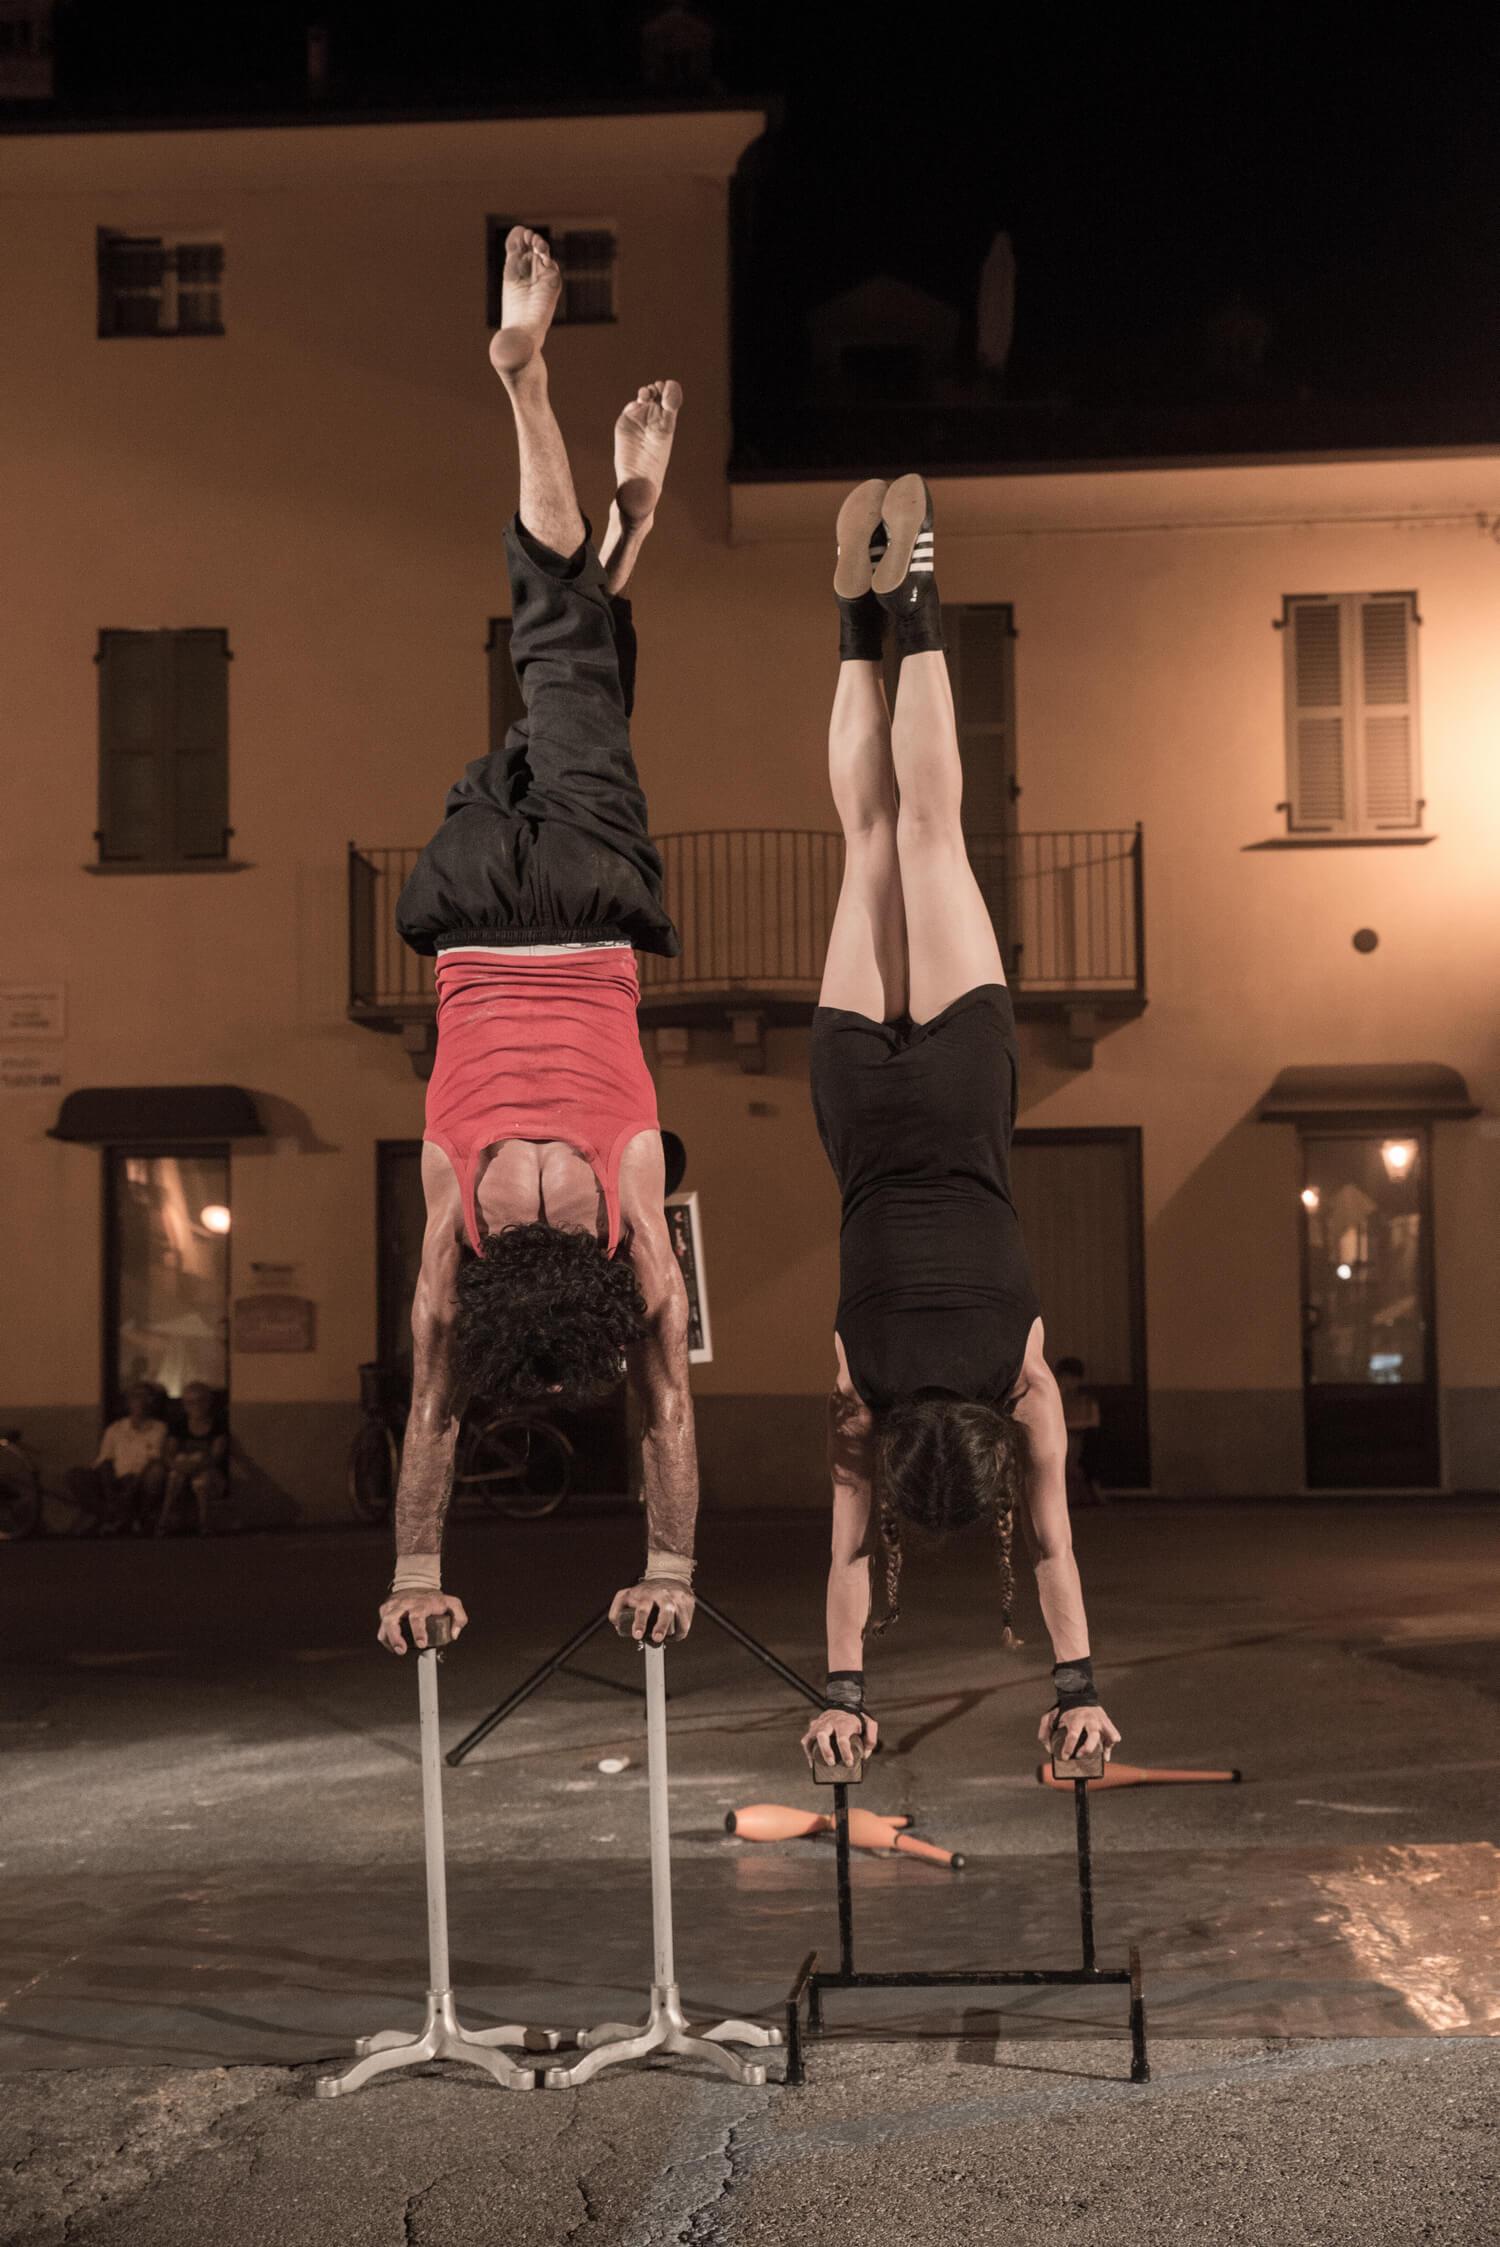 Foto Mirabilia Fossano Eventi Cuneo | Ivan Maccagno Fotografo